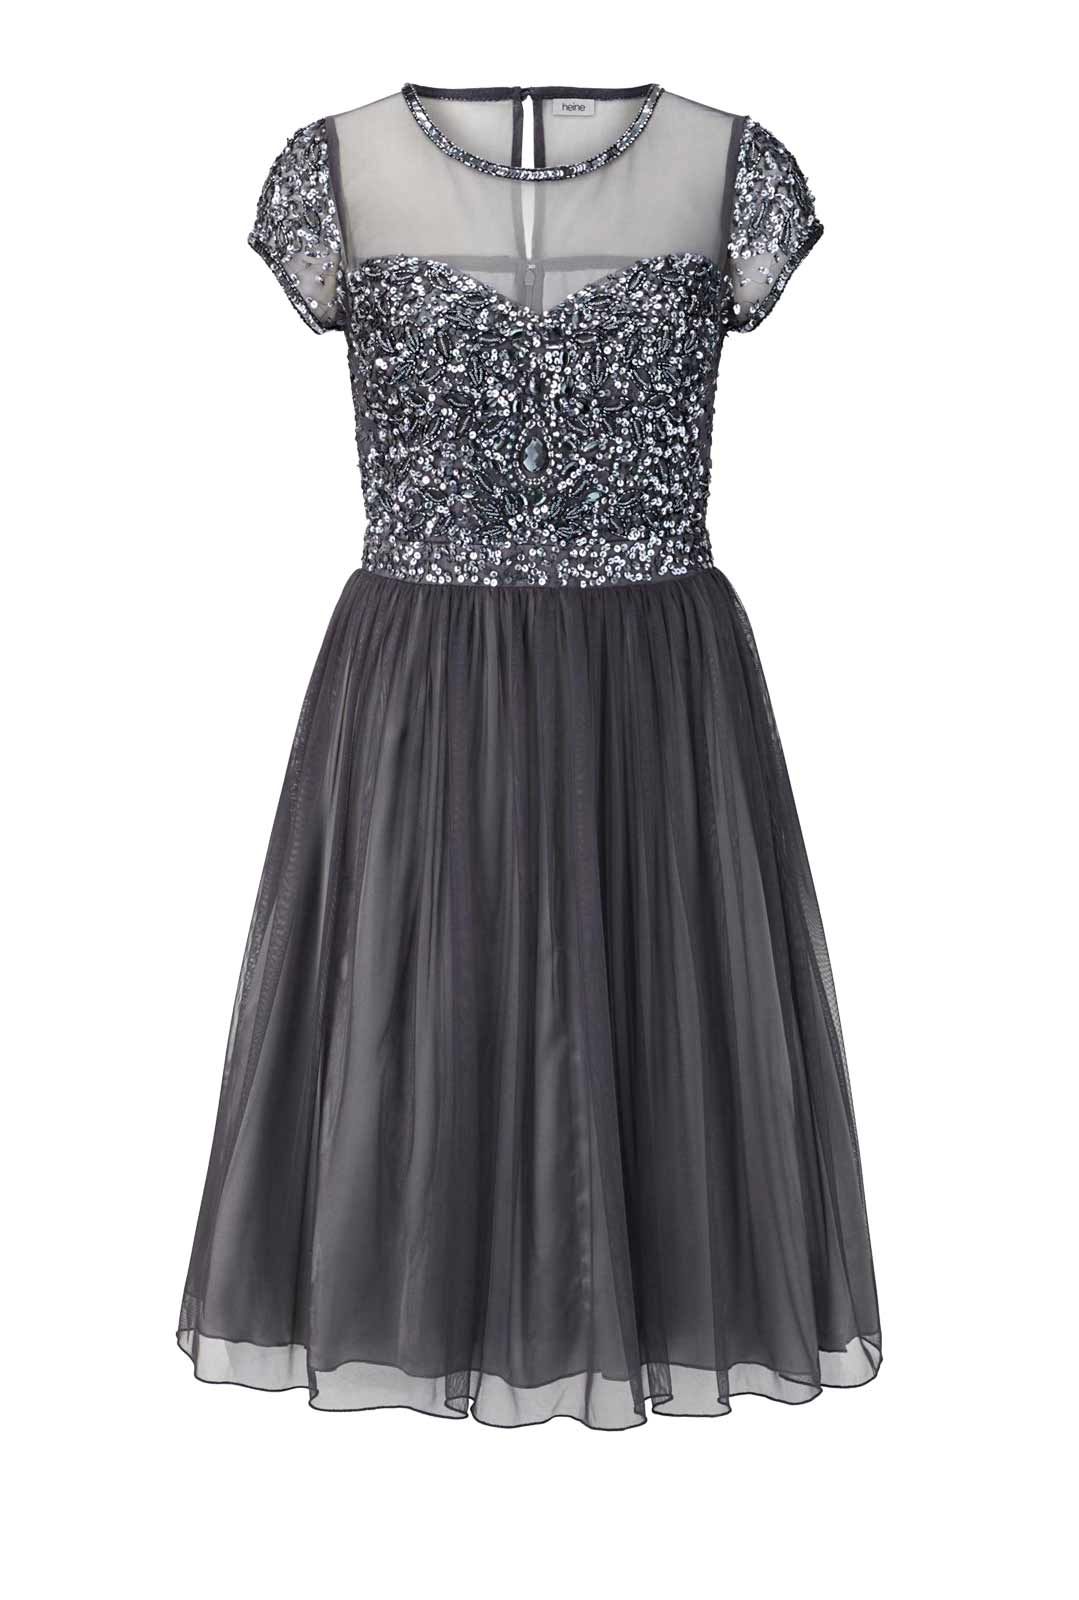 kurzes kleid für besondere anlässe Heine Cocktailkleid mit Petticoat anthrazit 836.823 Missforty